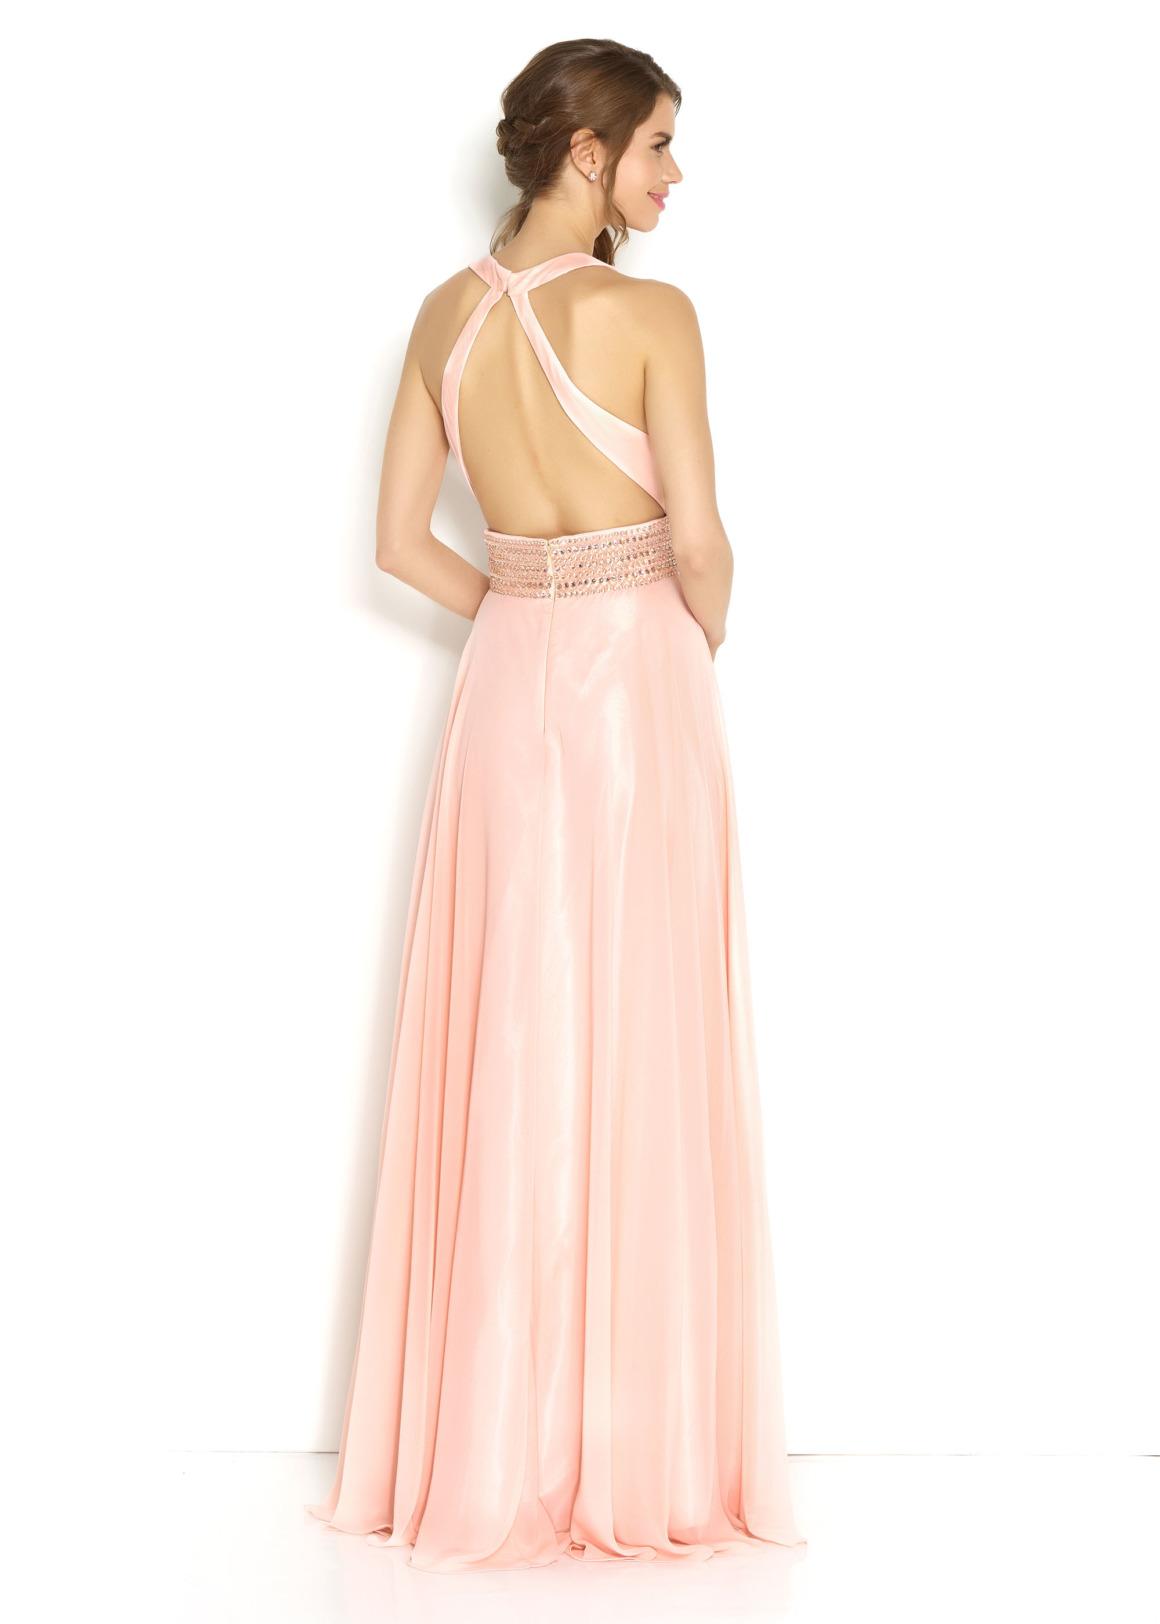 Brautjungfern Kleid Hochzeit Mode klassisch Trauzeugin Brides Maid nude rose soft pastell Rück Ansicht